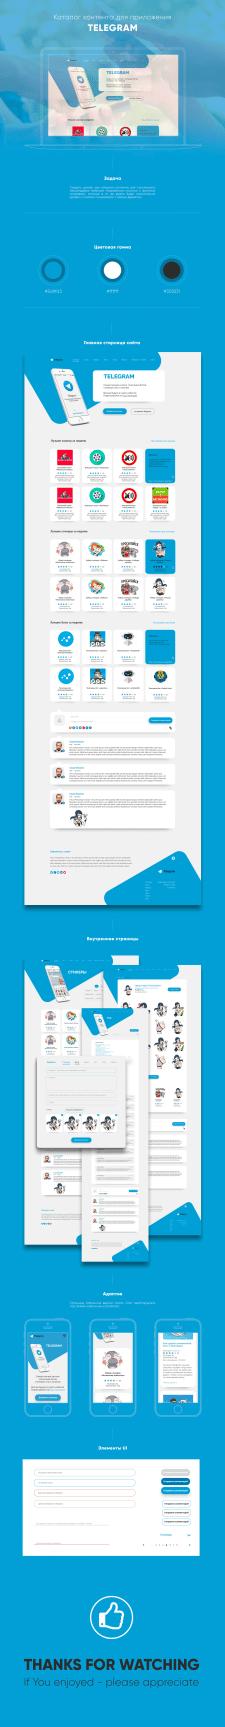 Дизайн для каталога контента для Телеграм